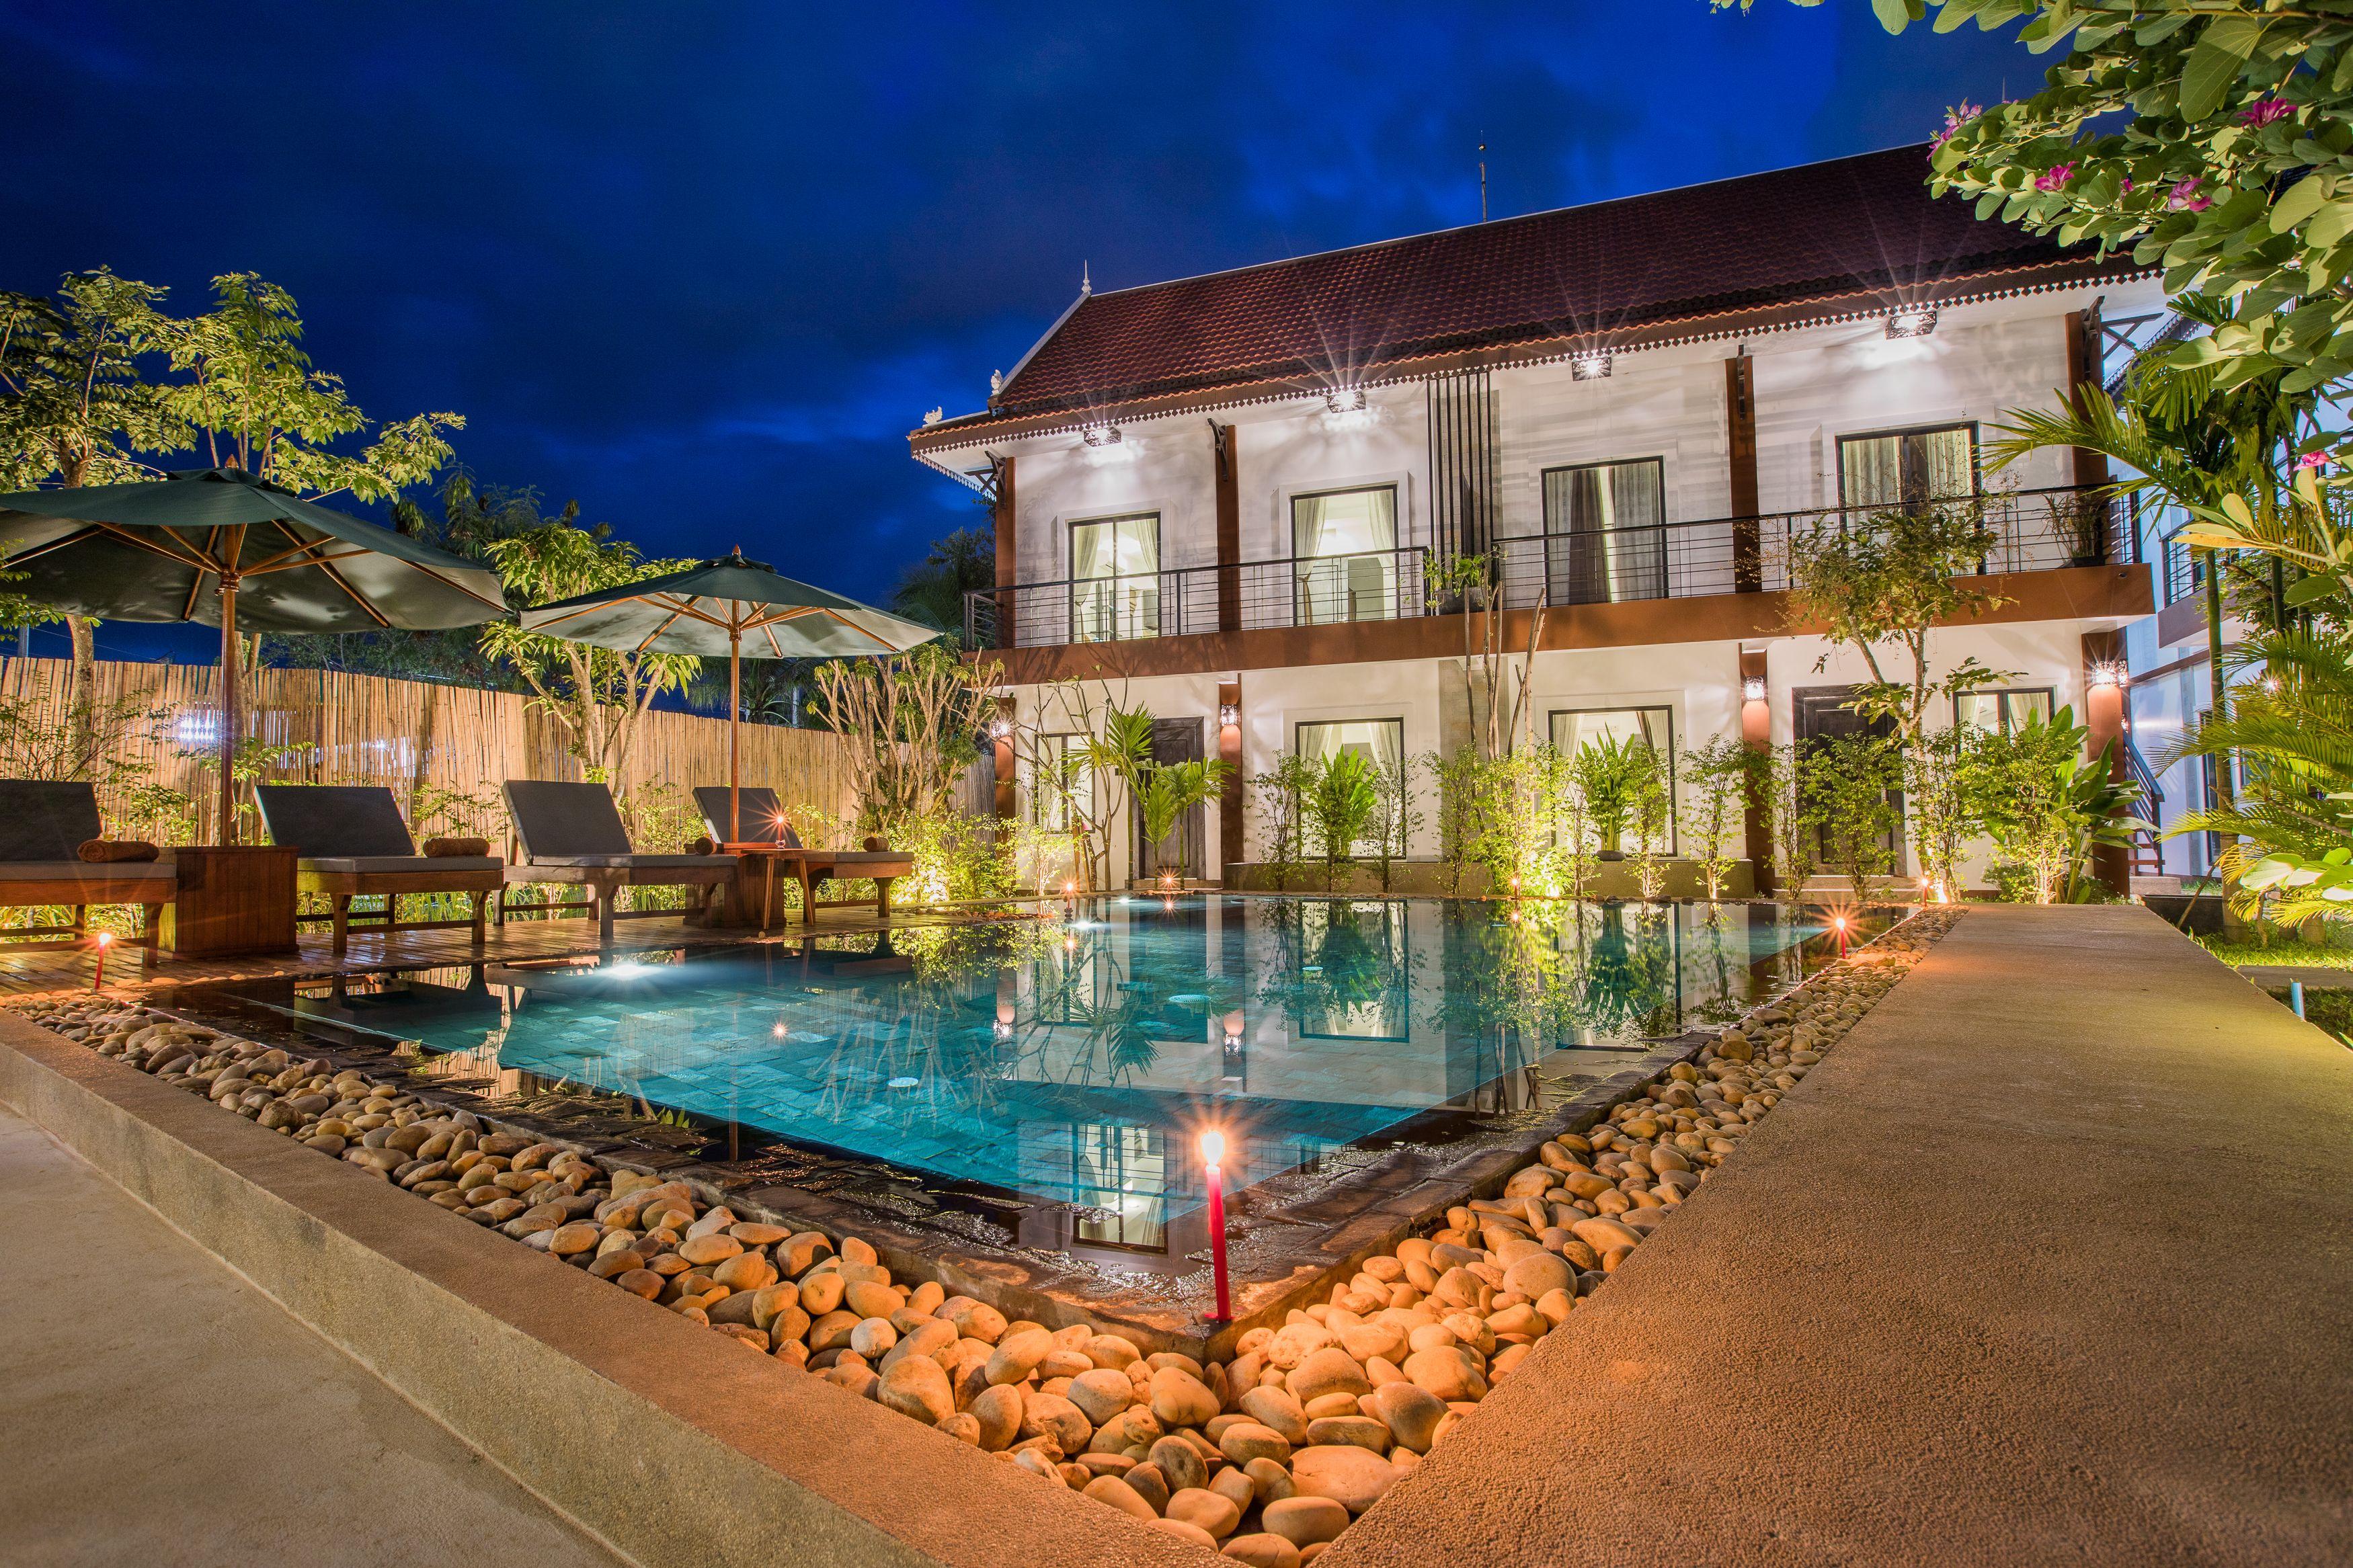 ទំព័រដើម Apartments for rent, Bedroom apartment, Rent